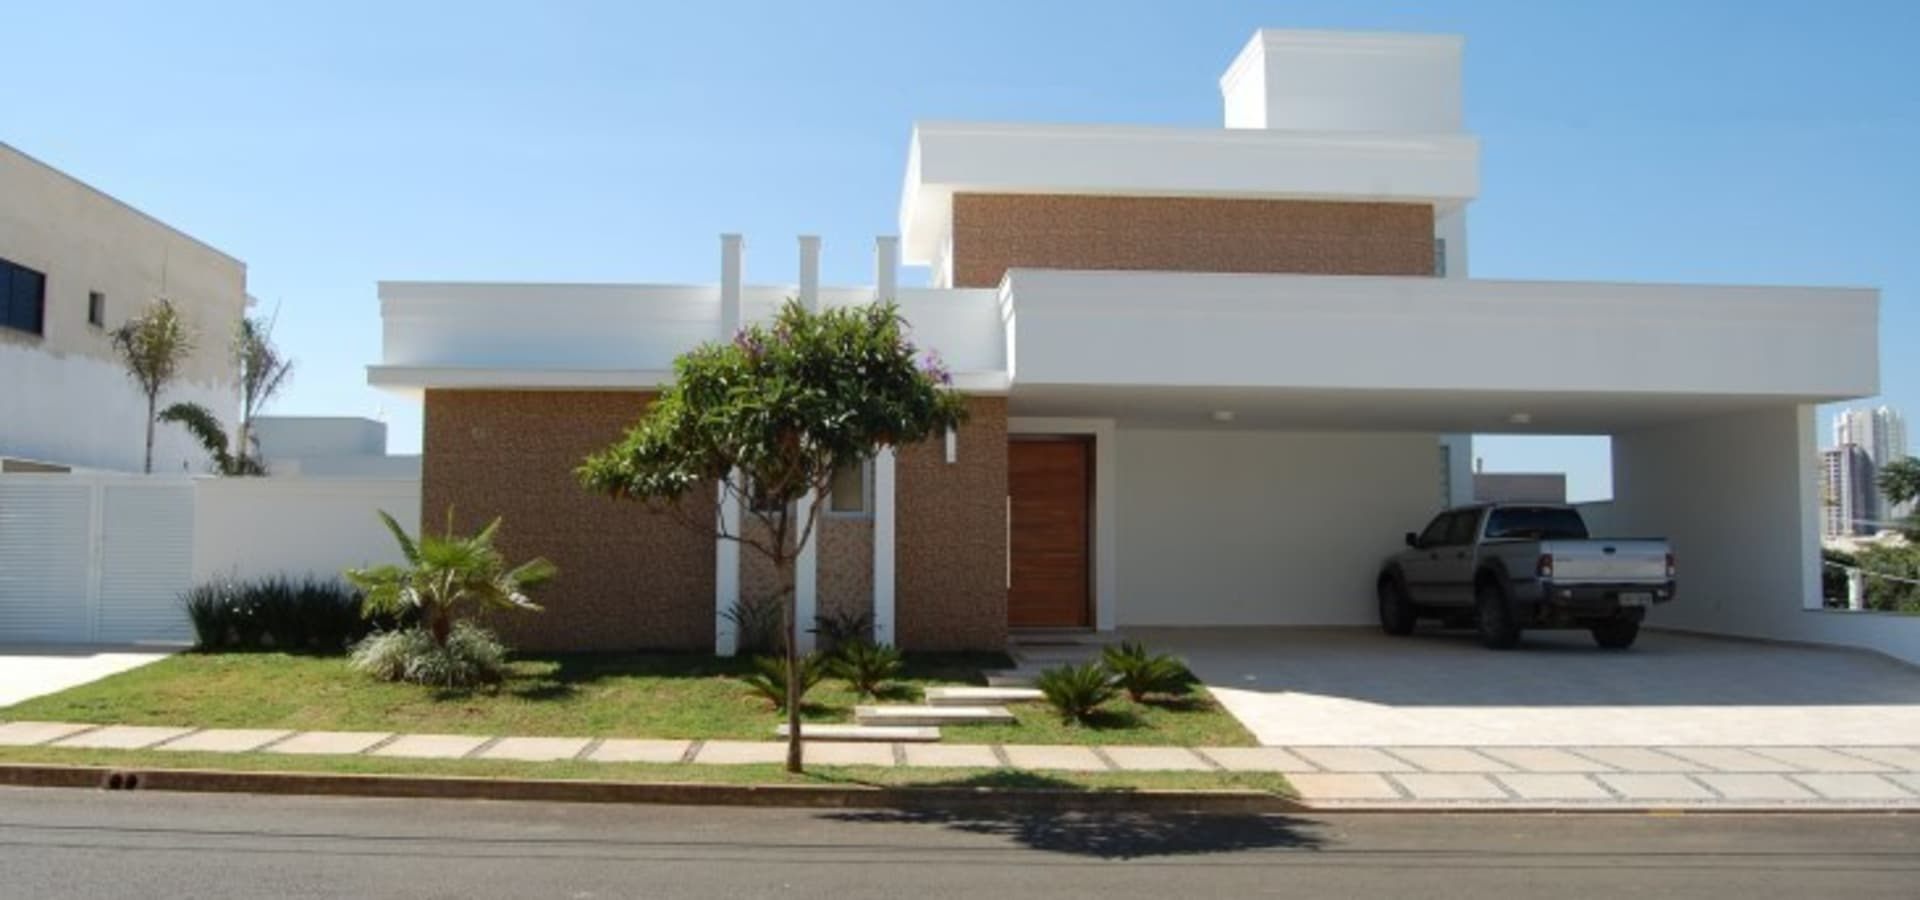 Projeto casa de campo por arquiteto homify for Homify casas